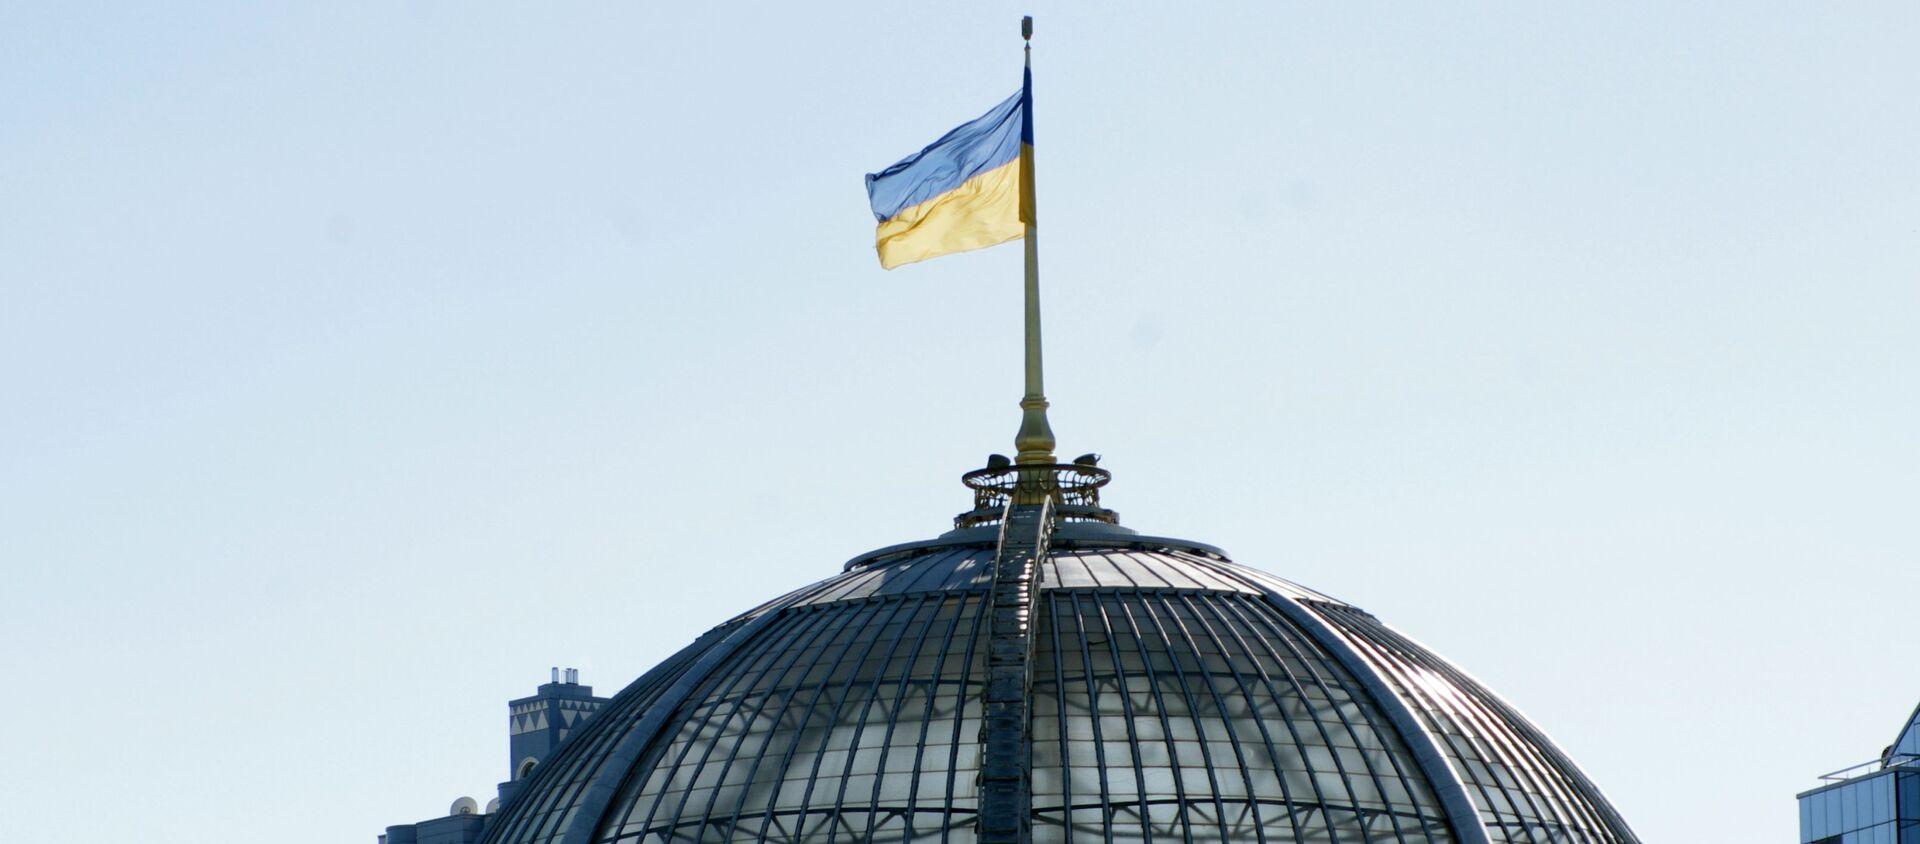 Флаг на крыше Верховной Рады Украины в Киеве. - Sputnik Абхазия, 1920, 16.02.2021